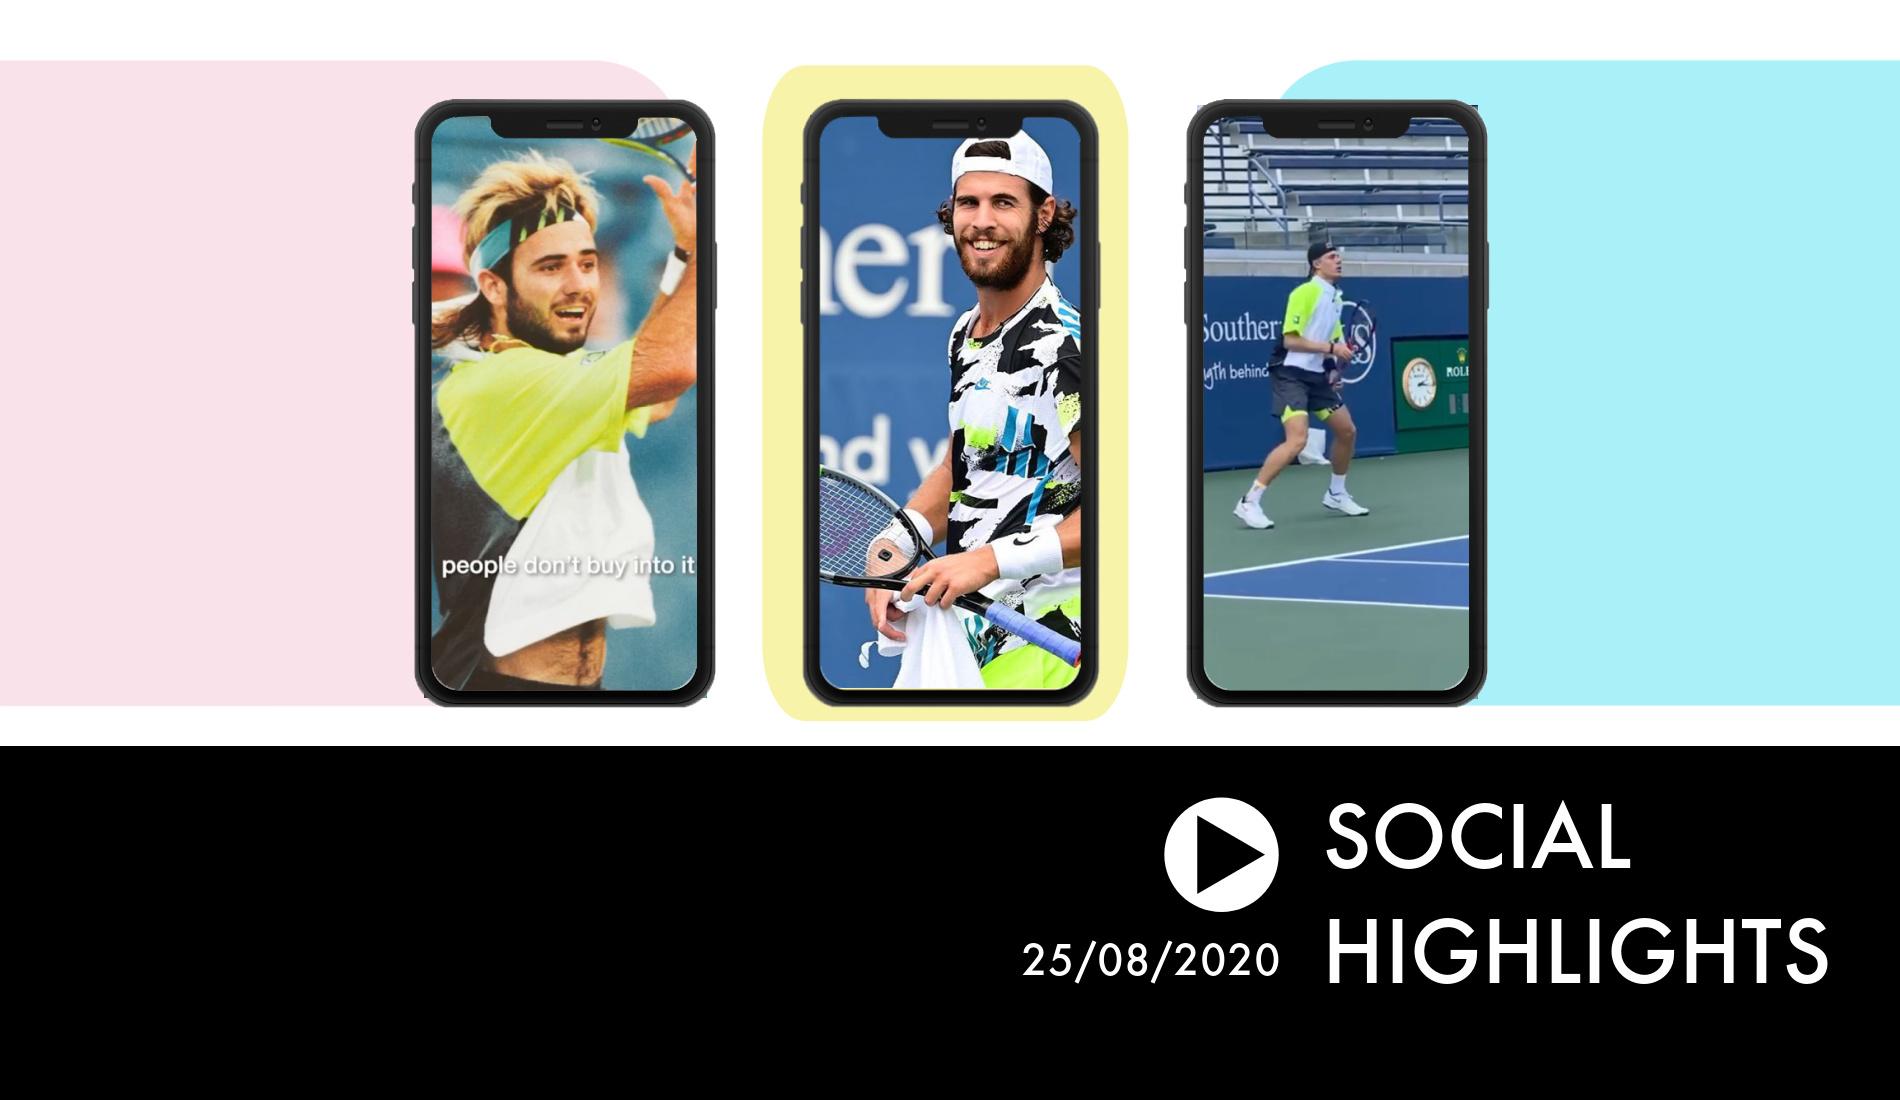 Social Highlights 25.08.2020